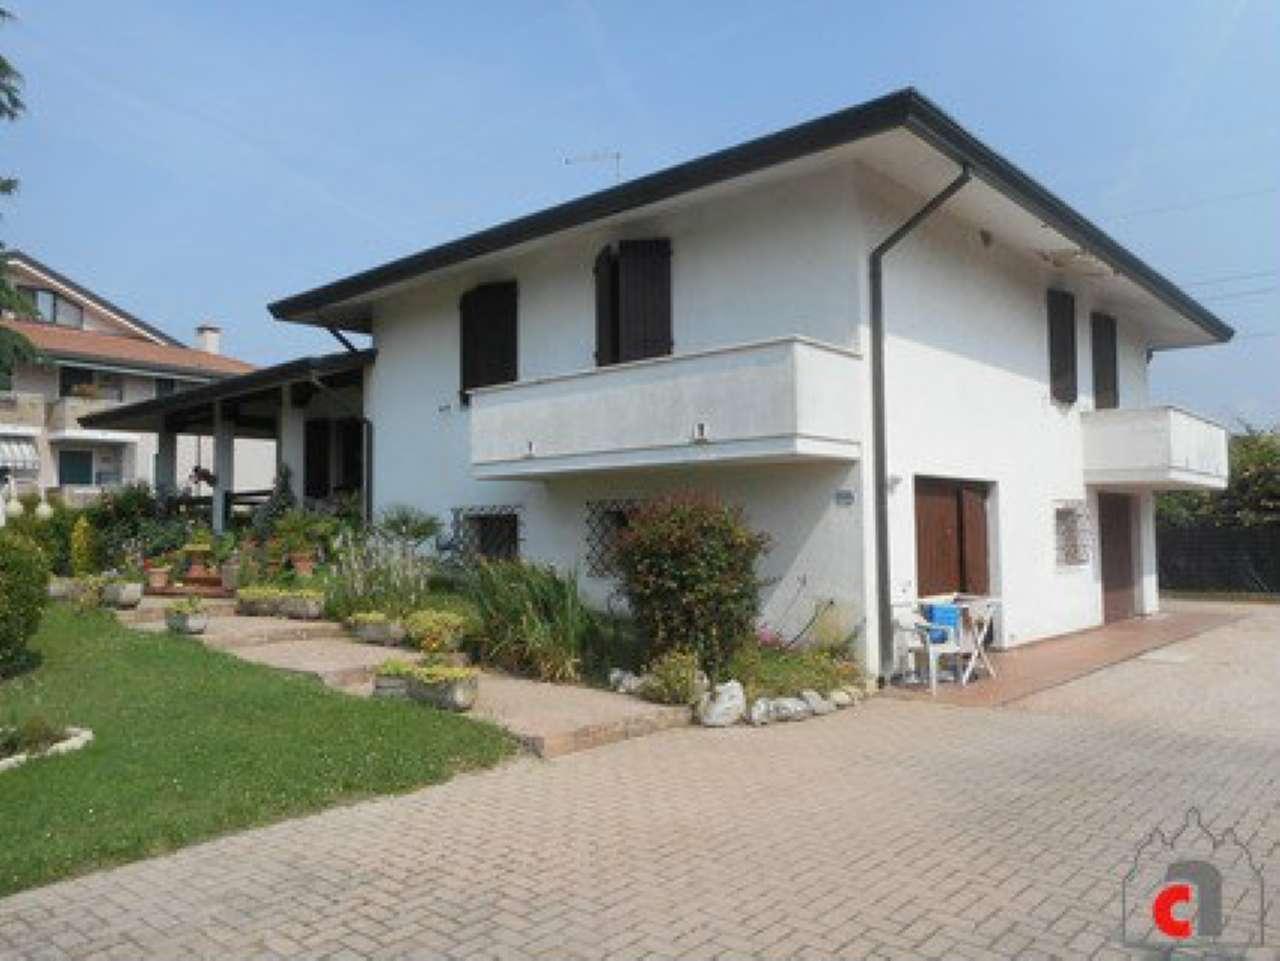 Soluzione Indipendente in vendita a Padova, 8 locali, zona Zona: 4 . Sud-Est (S.Croce-S. Osvaldo, Bassanello-Voltabarozzo), prezzo € 385.000 | CambioCasa.it